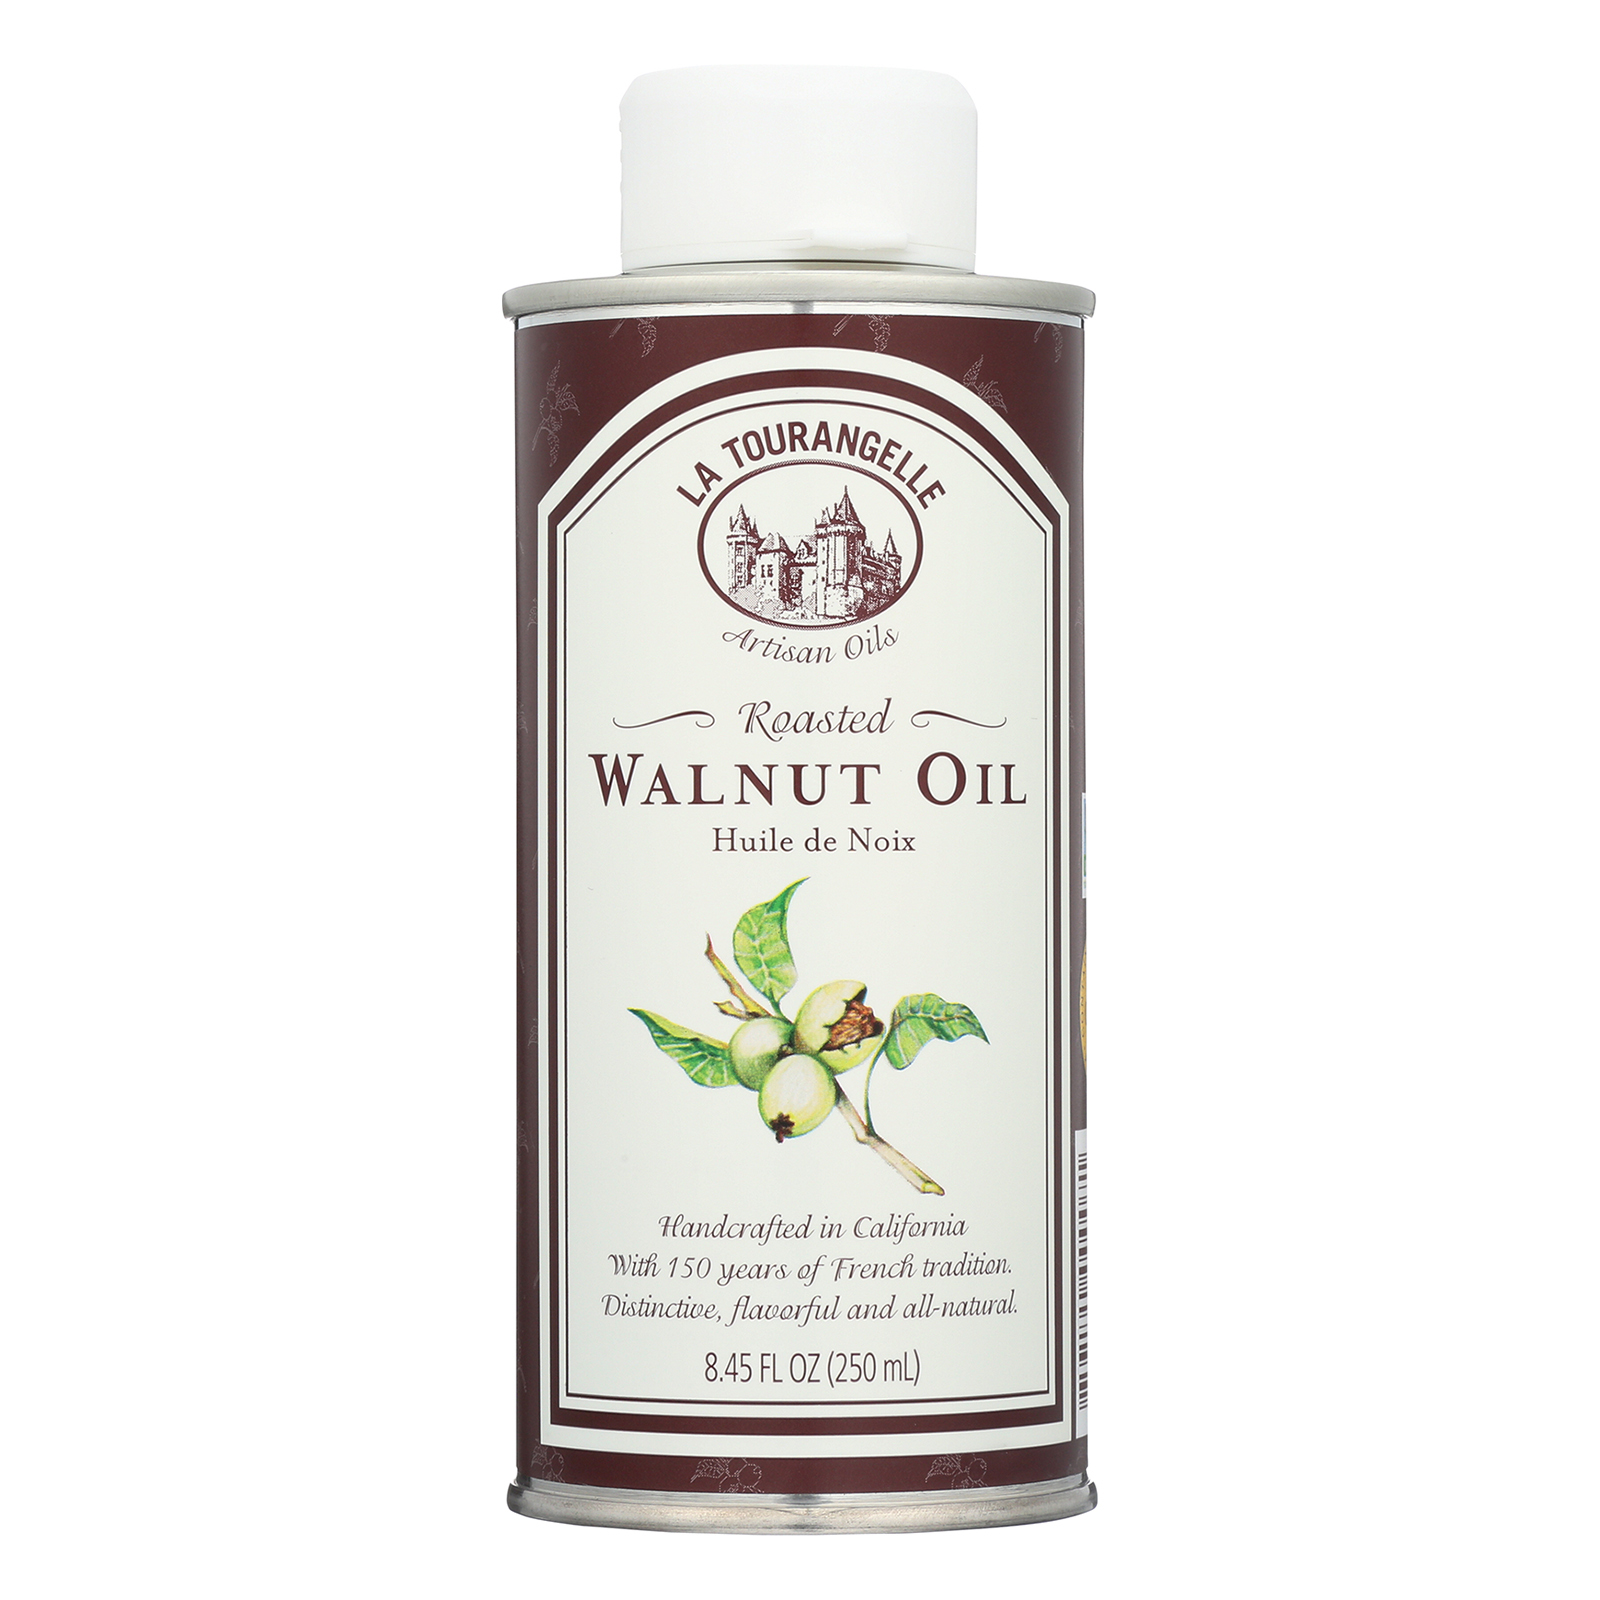 La Tourangelle Roasted Walnut Oil - Case of 6 - 250 ml